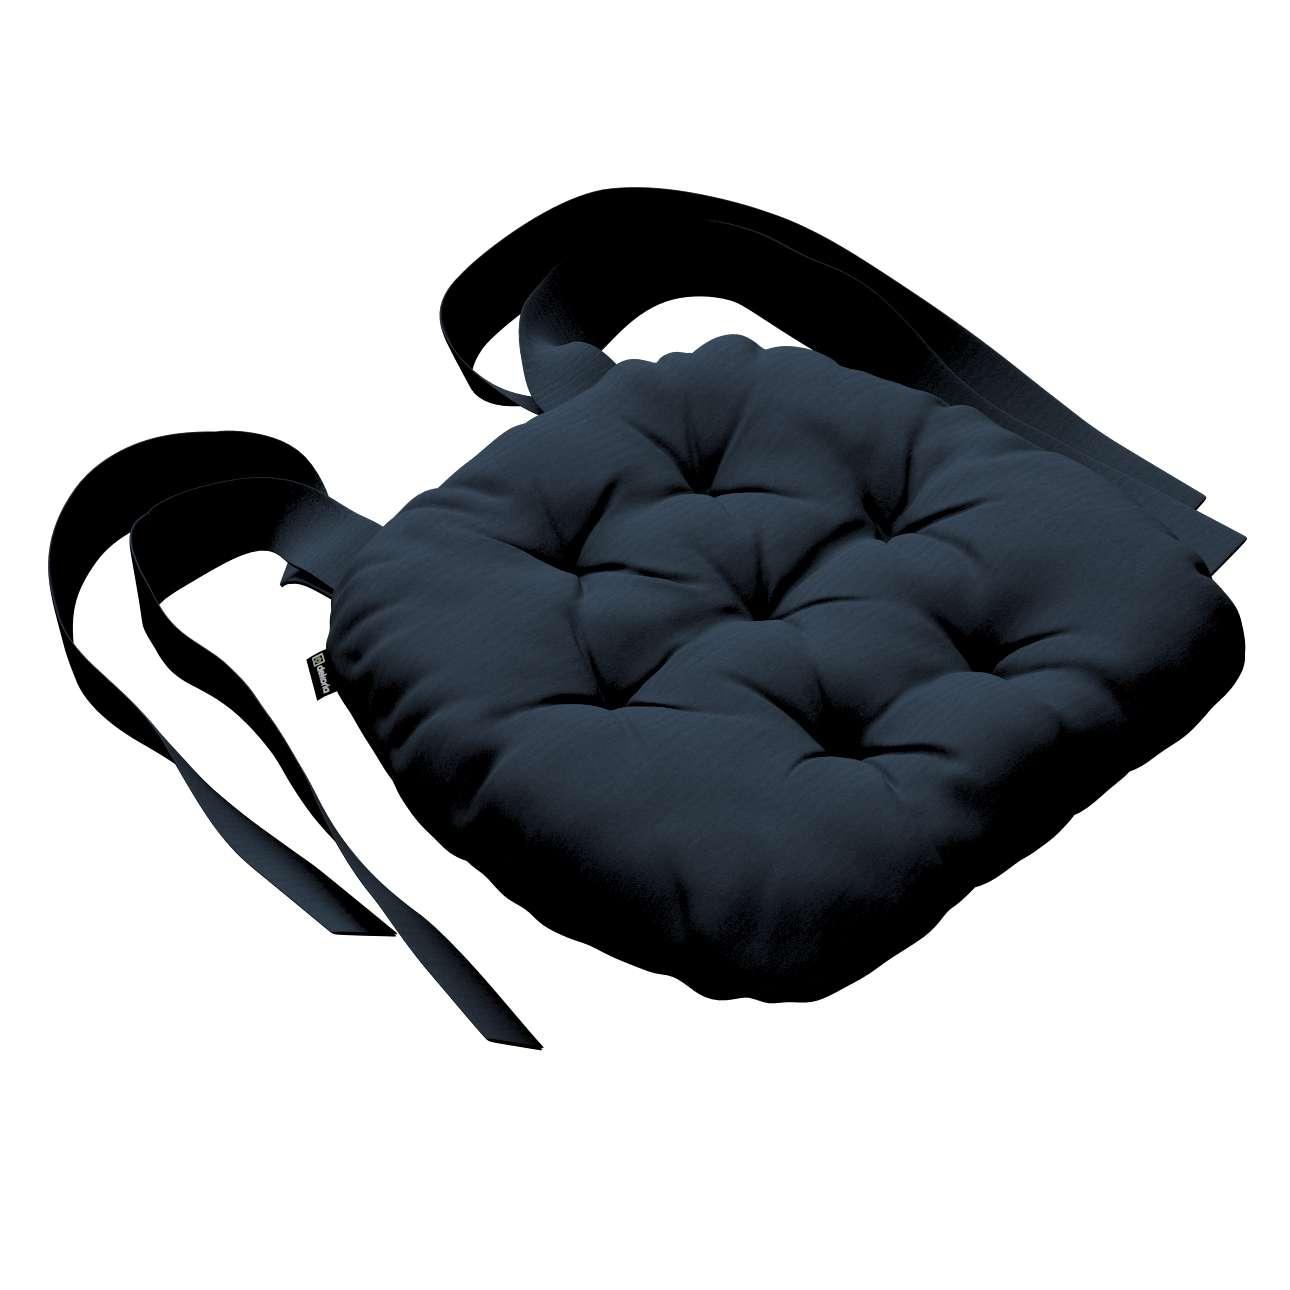 Siedzisko Marcin na krzesło 40x37x8cm w kolekcji Quadro, tkanina: 136-04